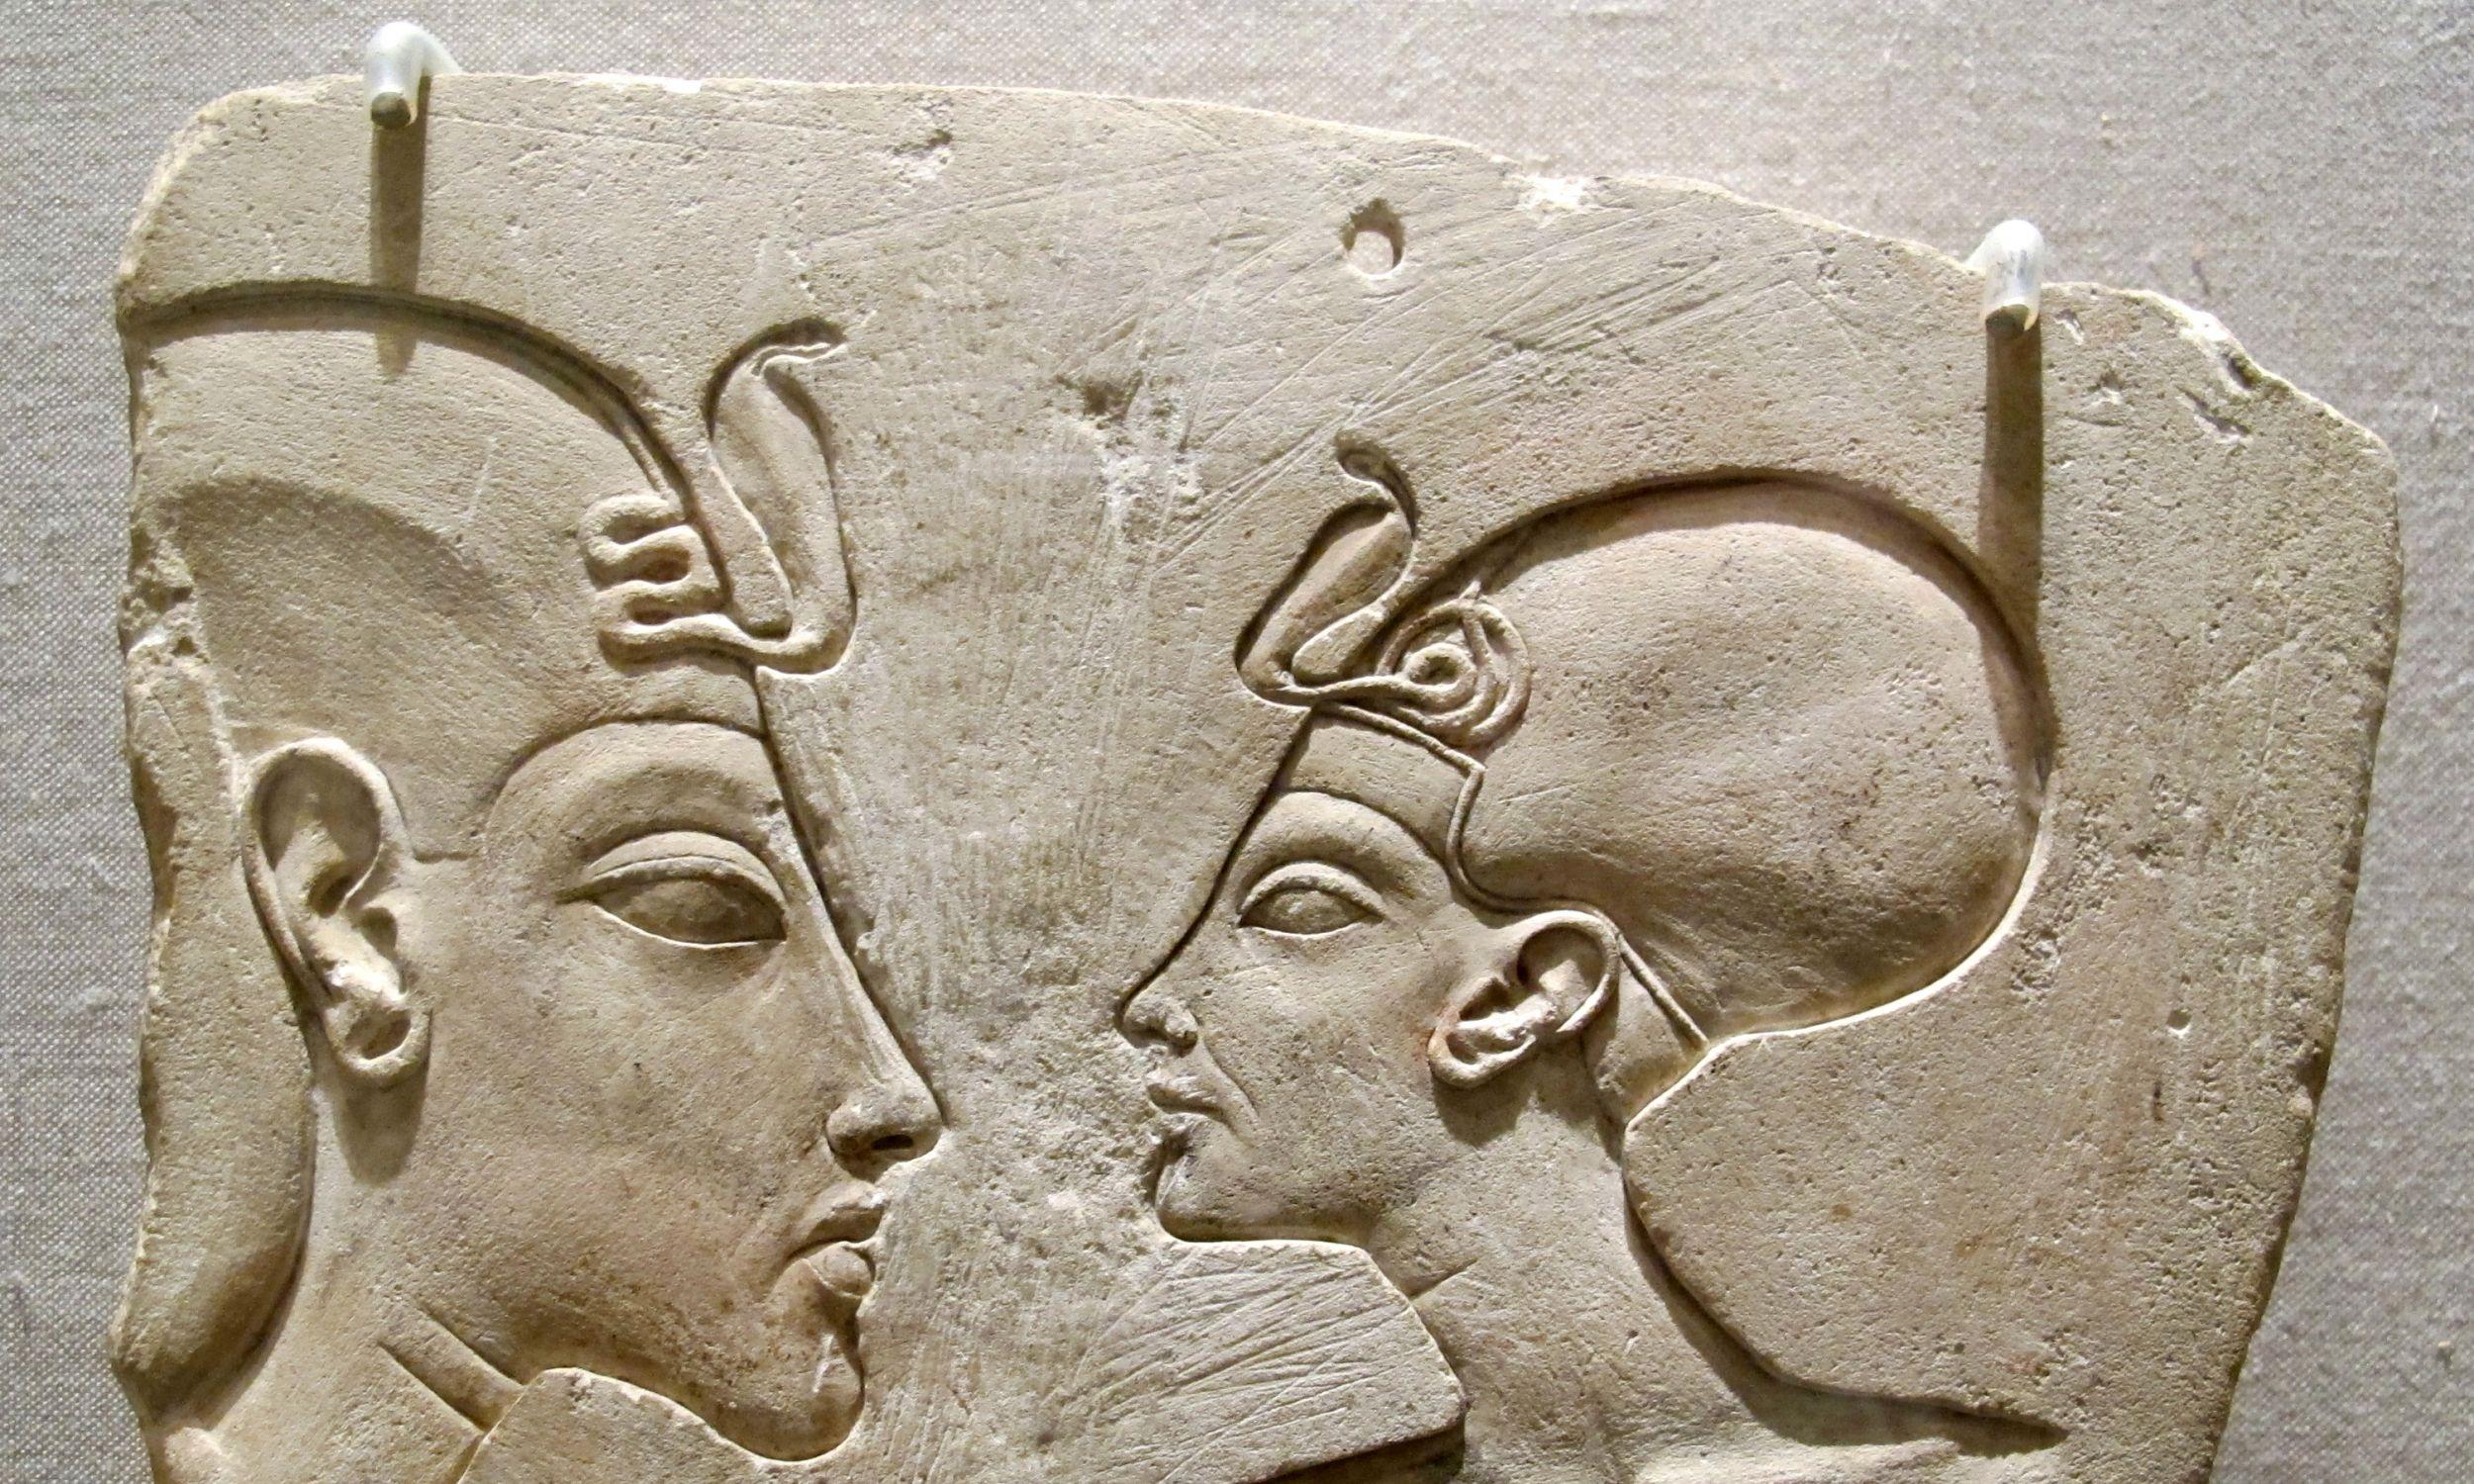 Nowe królestwo, koniec osiemnastej dynastii, tablica wilbour, z Nefertiti i najprawdopodobniej z młodym Tutanchamonem. około 1352–1336 p.n. e. Fot. Wikimedia/Sailko